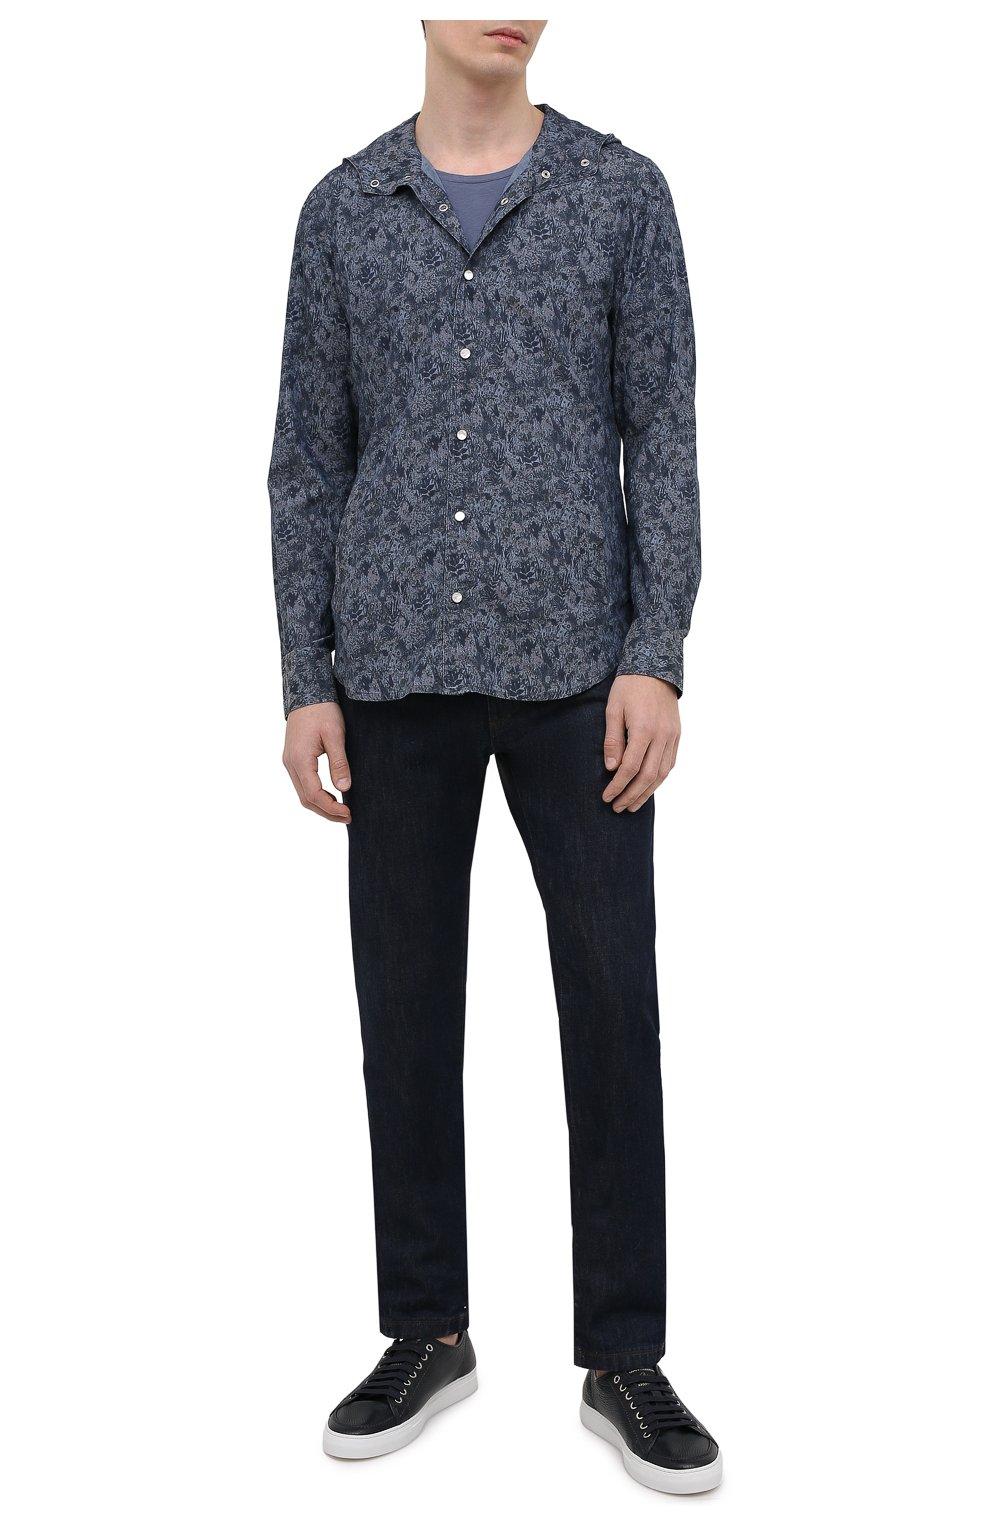 Мужская хлопковая рубашка KITON темно-синего цвета, арт. UMCMARH0767305 | Фото 2 (Воротник: С капюшоном; Рукава: Длинные; Рубашки М: Regular Fit; Манжеты: На кнопках; Случай: Повседневный; Длина (для топов): Стандартные; Принт: С принтом; Материал внешний: Хлопок; Стили: Кэжуэл)